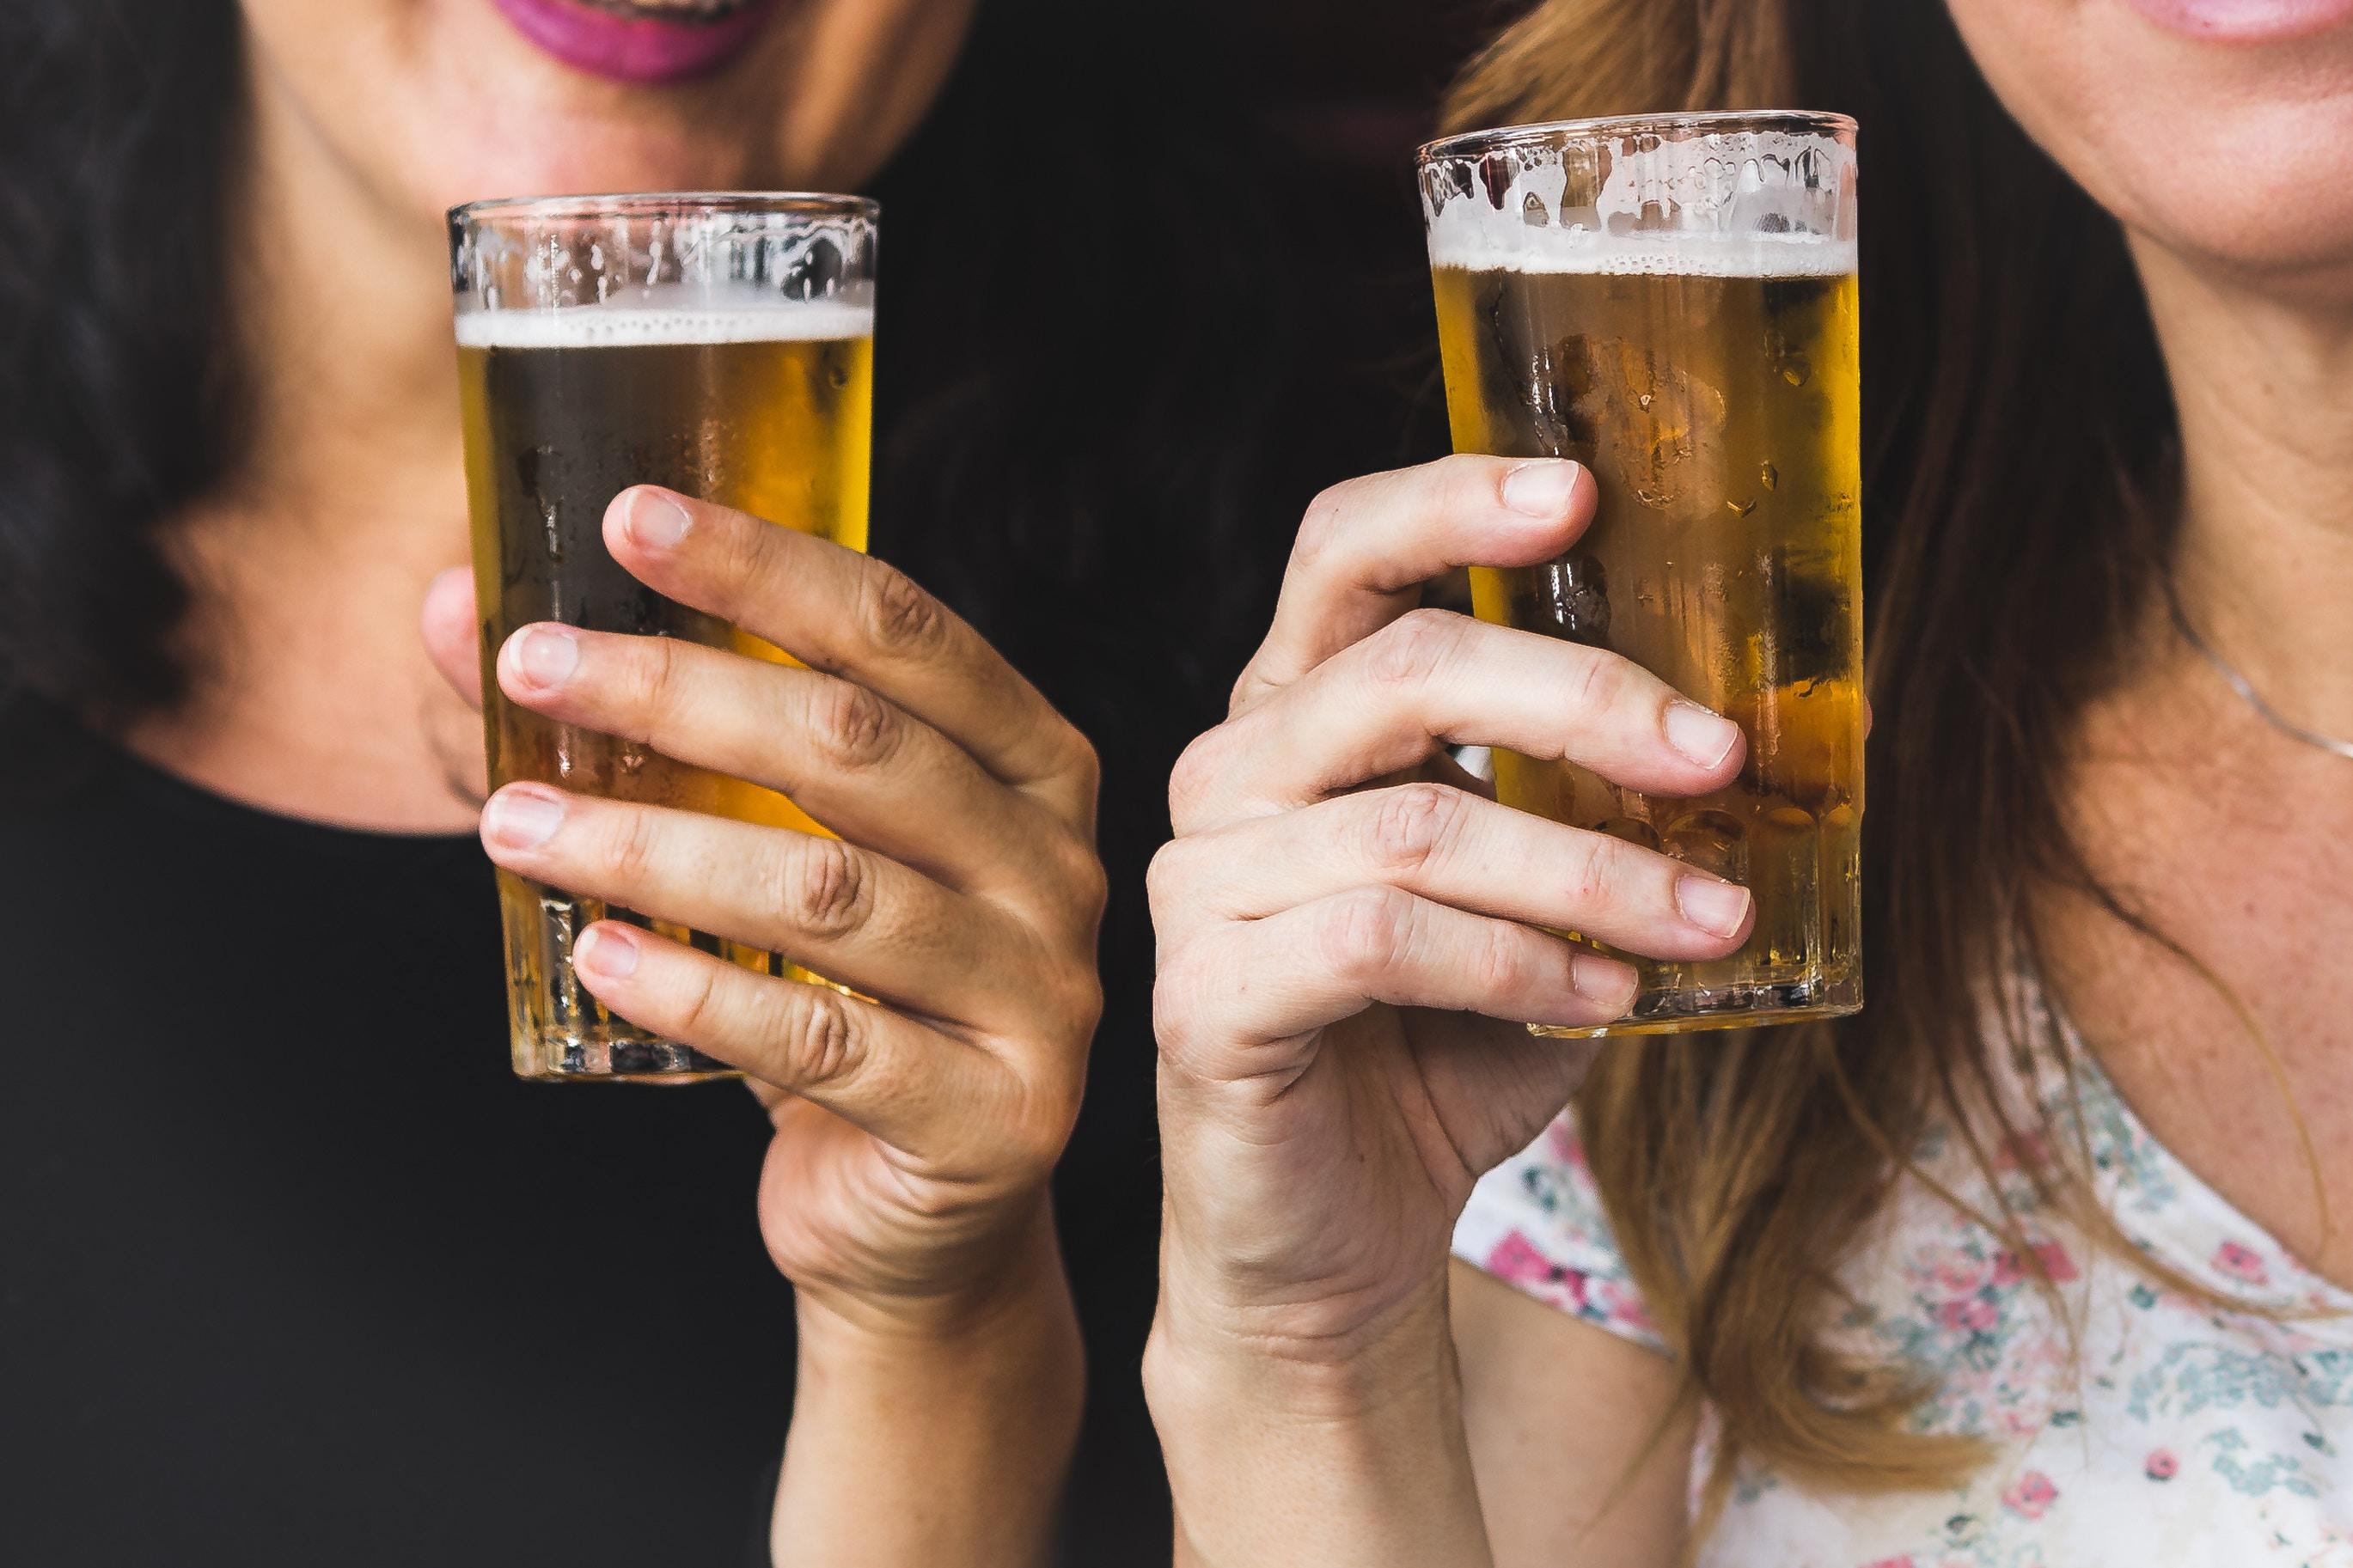 paloma a 439191 unsplash.jpg - Cerveja é a melhor aliada contra as rugas, dizem os cientistas